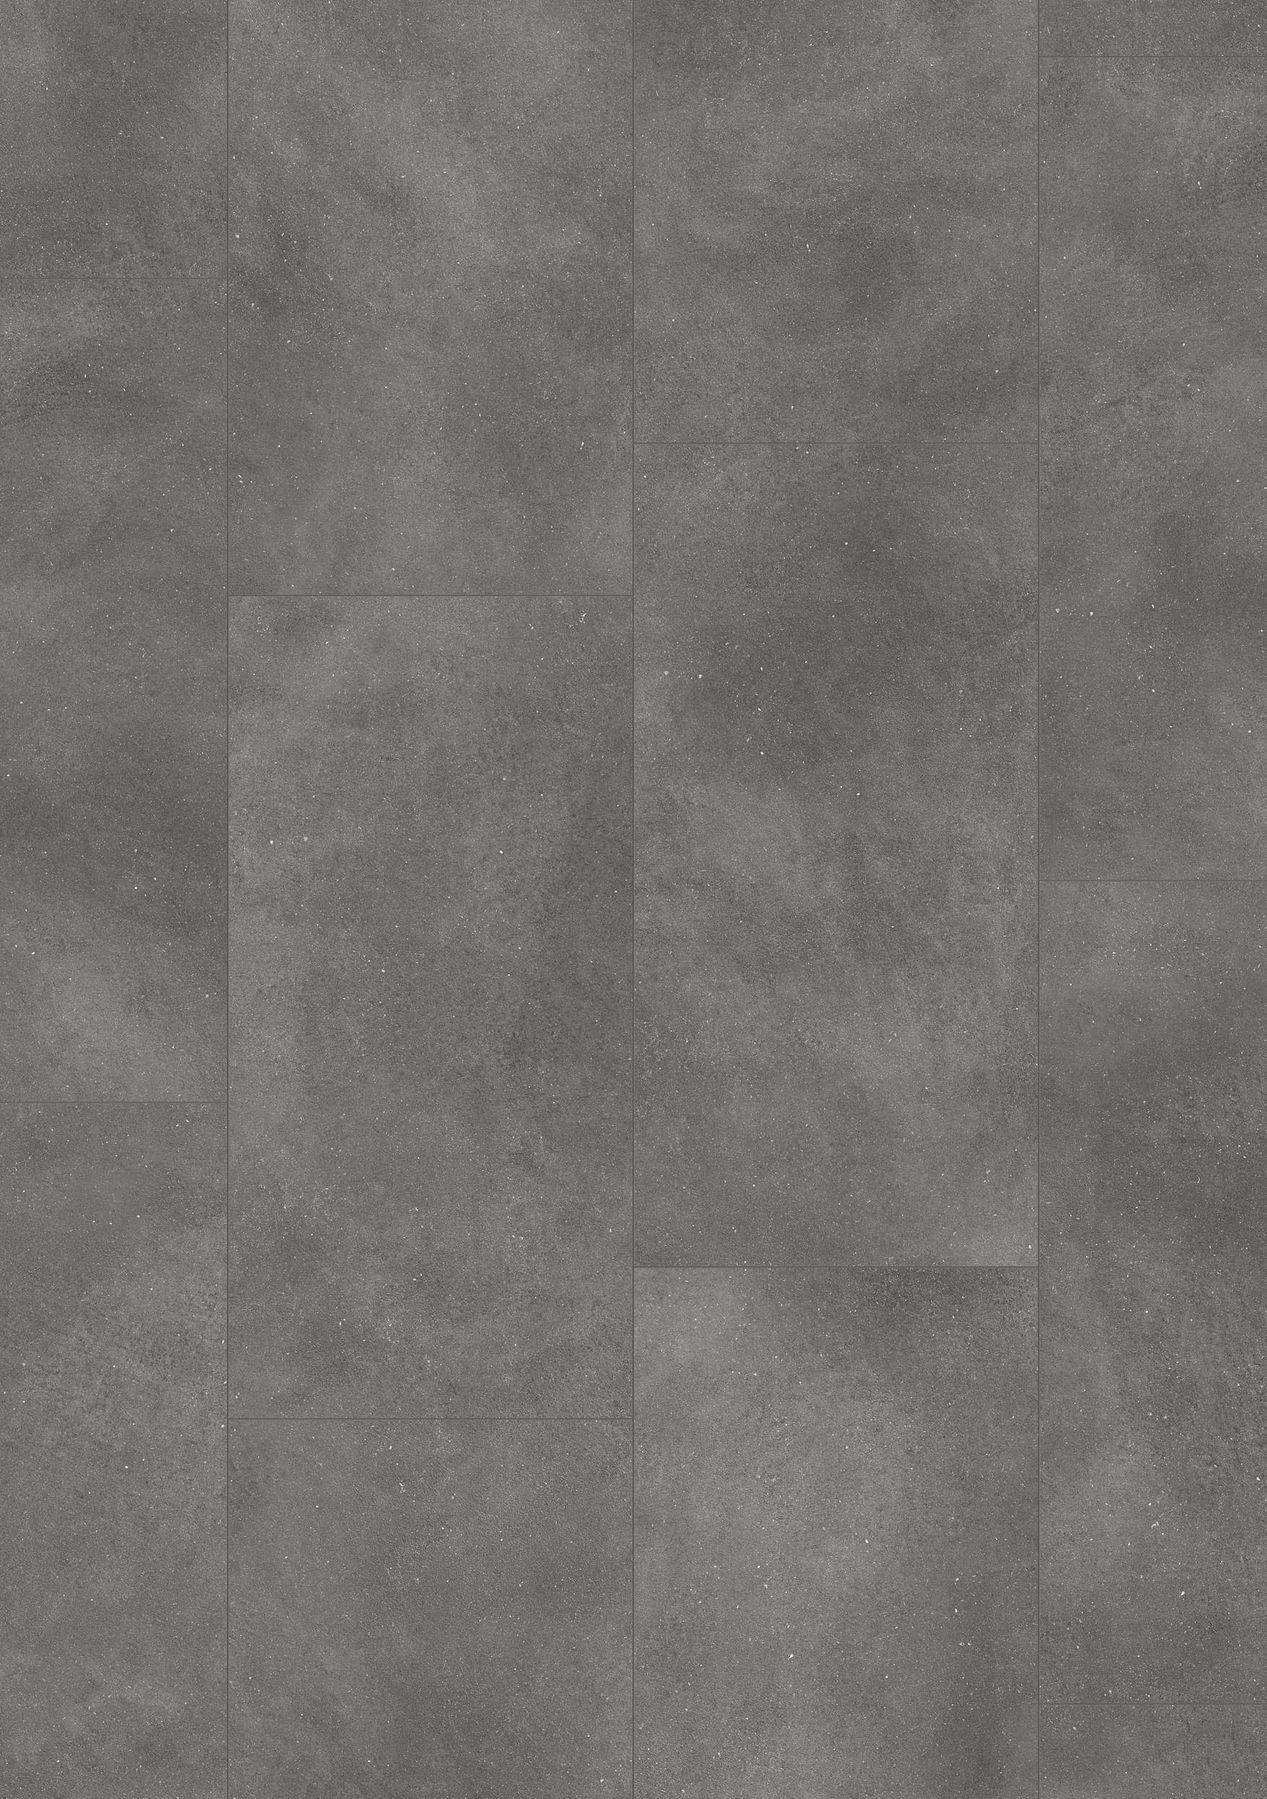 loc_floor40197_spotted_medium_grey_concrete-59624580053873